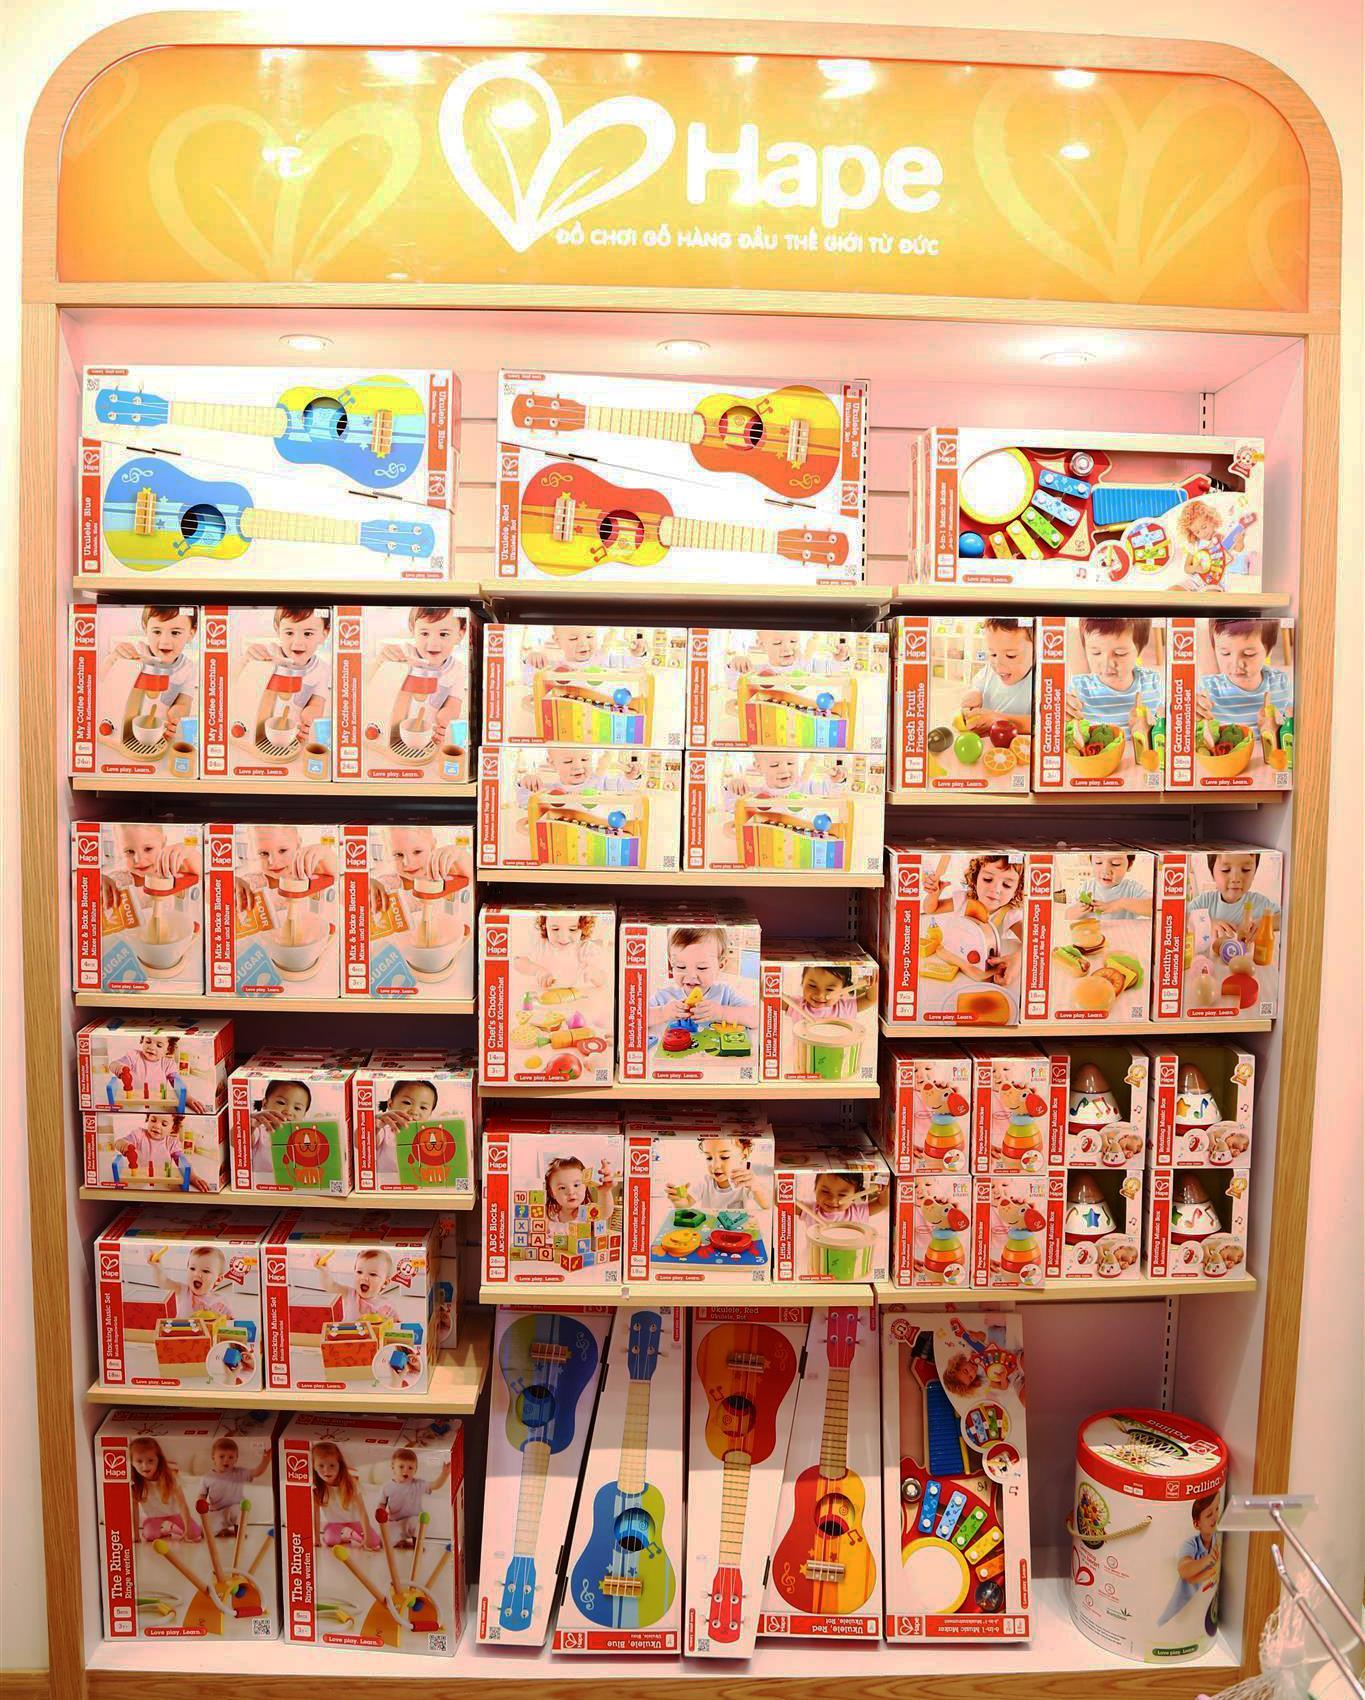 Ưu đãi siêu khủng đến 80% tại tiNiStore, mua đồ cho bé chưa bao giờ dễ đến thế! - Ảnh 4.